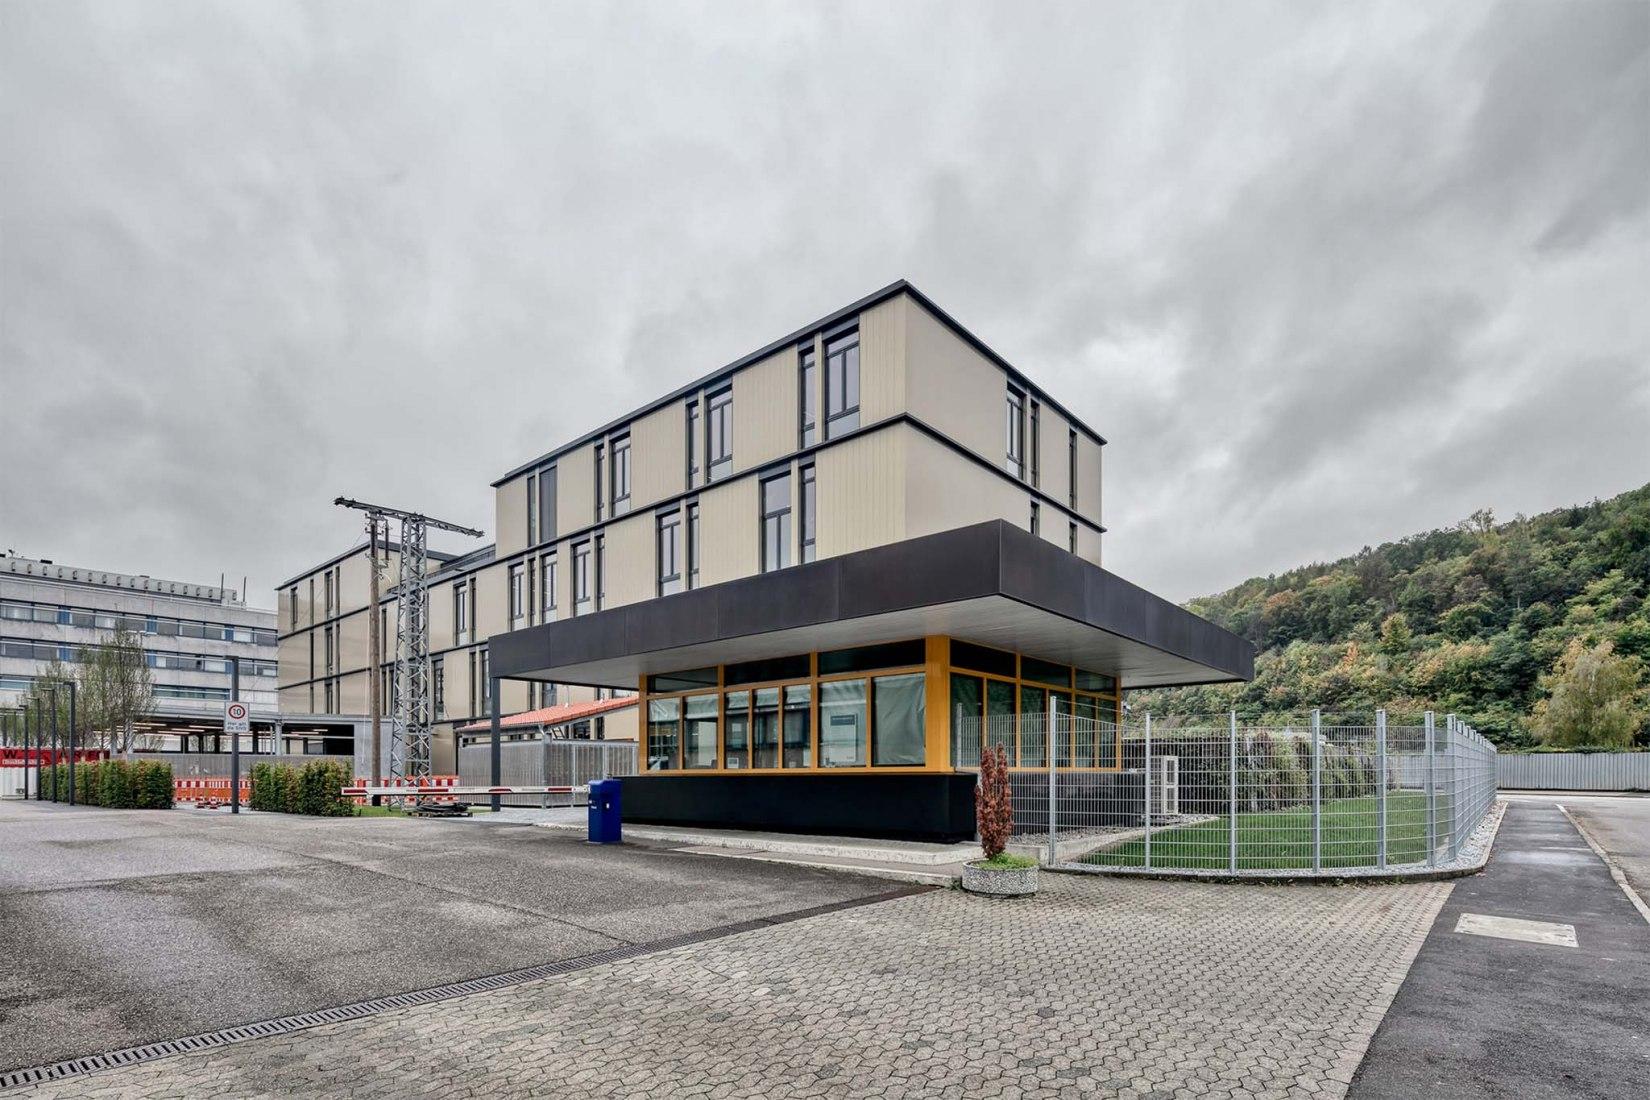 Centro de formación y perfeccionamiento para instaladores eléctricos por archis Architekten + Ingenieure GmbH, Luis Machuca & Asociados. Fotografía por Nikolay Kazakov